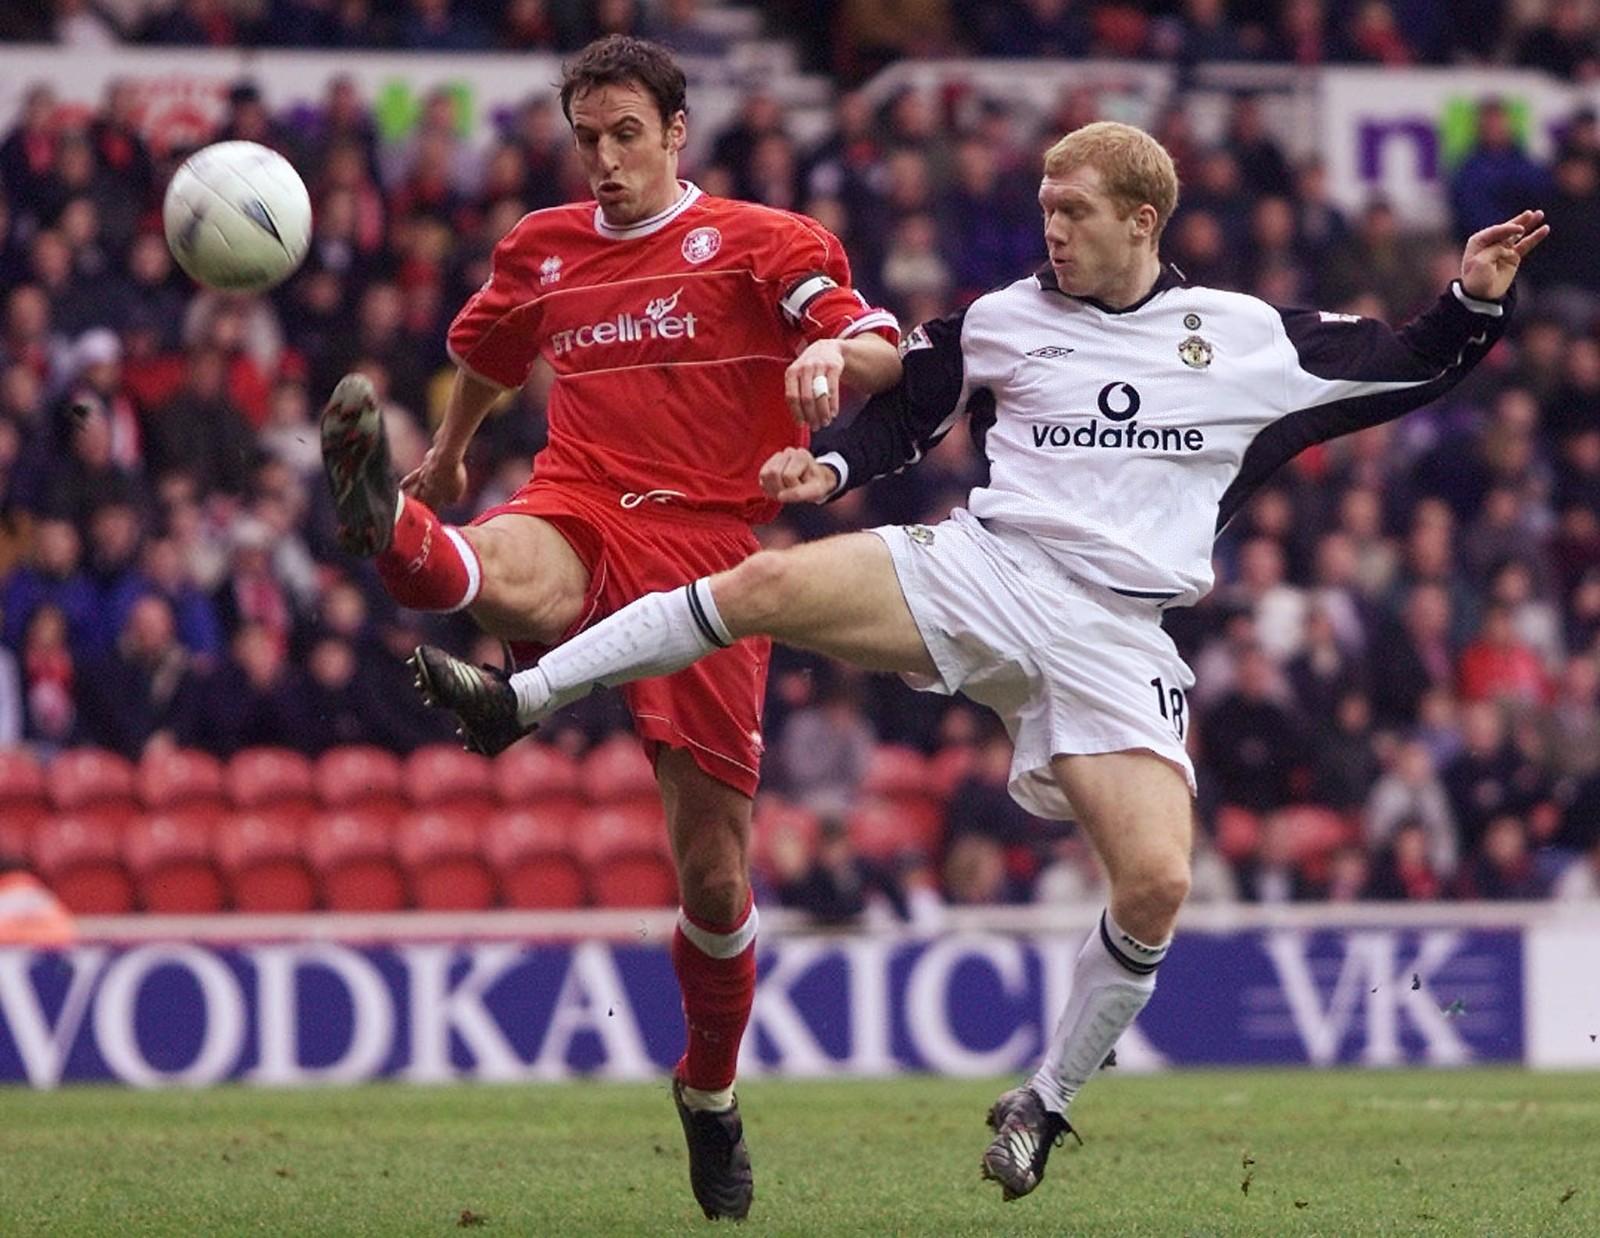 图为2002年1月26日,在英格兰足总杯赛第四轮比赛中,米德尔斯堡队索斯盖特(左)与曼联队球员斯科尔斯(右)争抢。